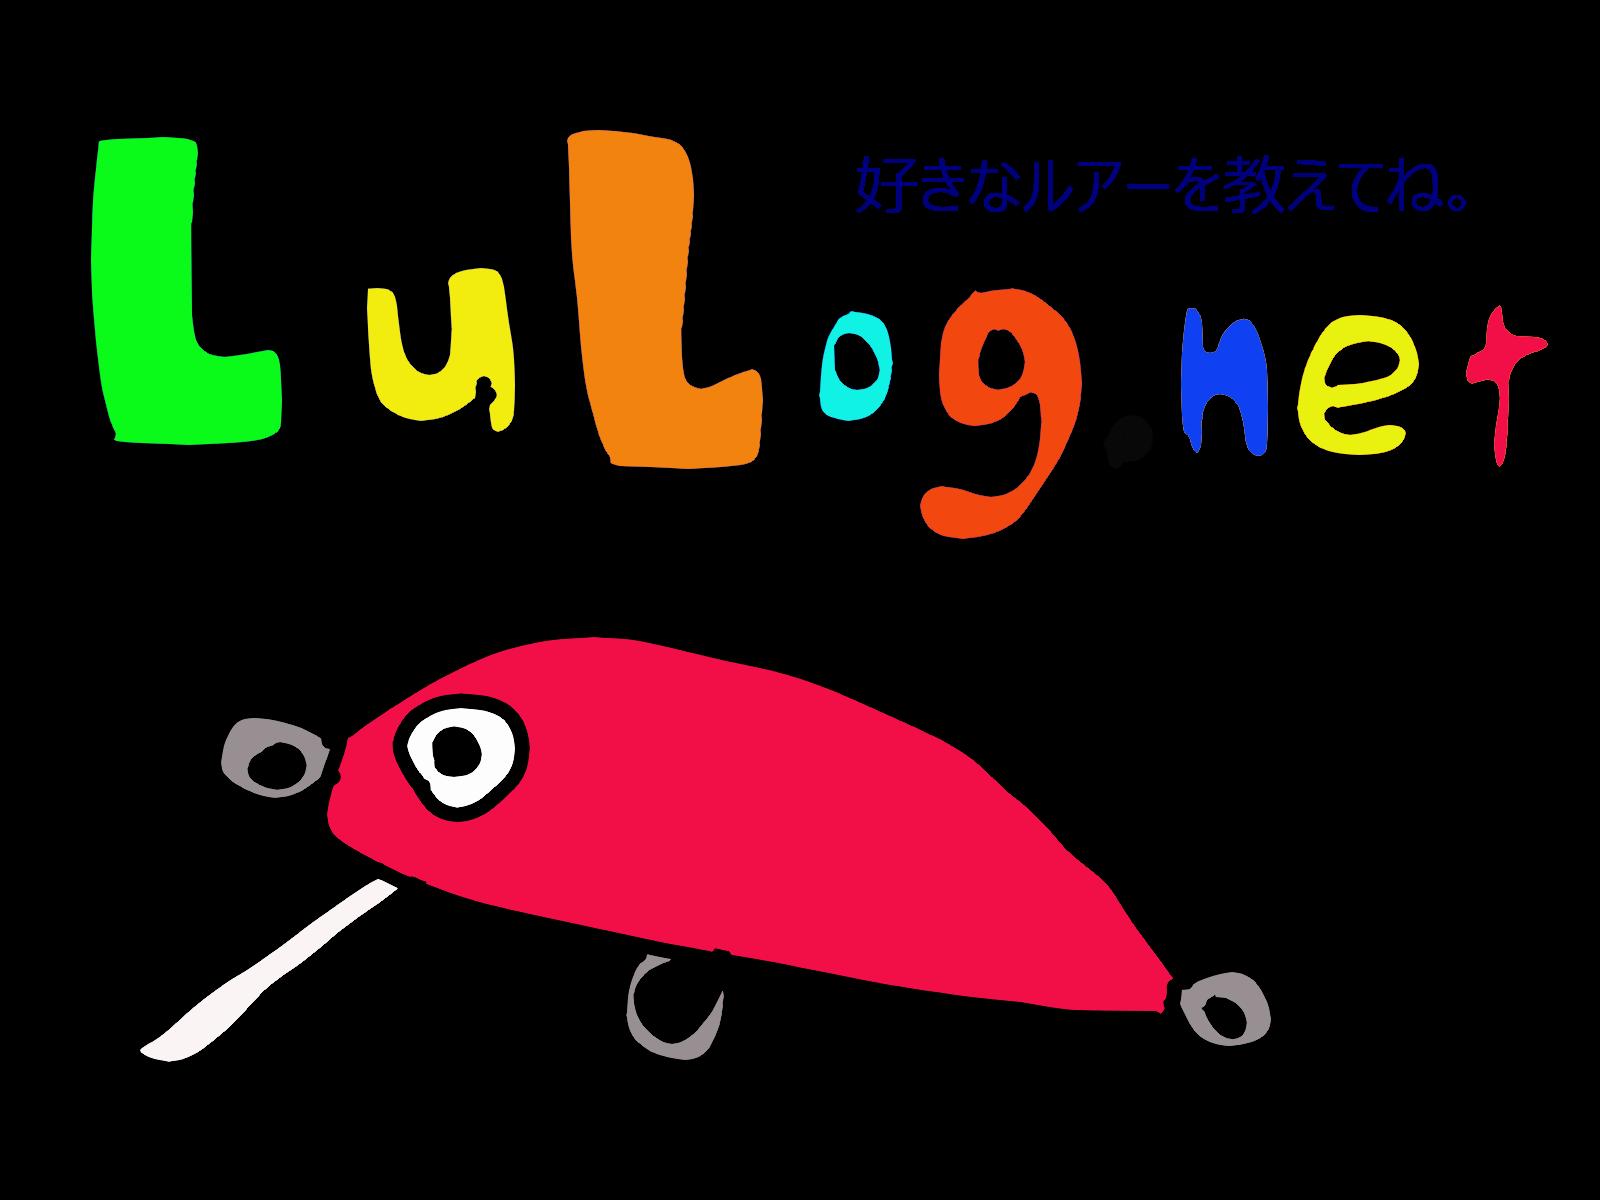 lulog-logo.png